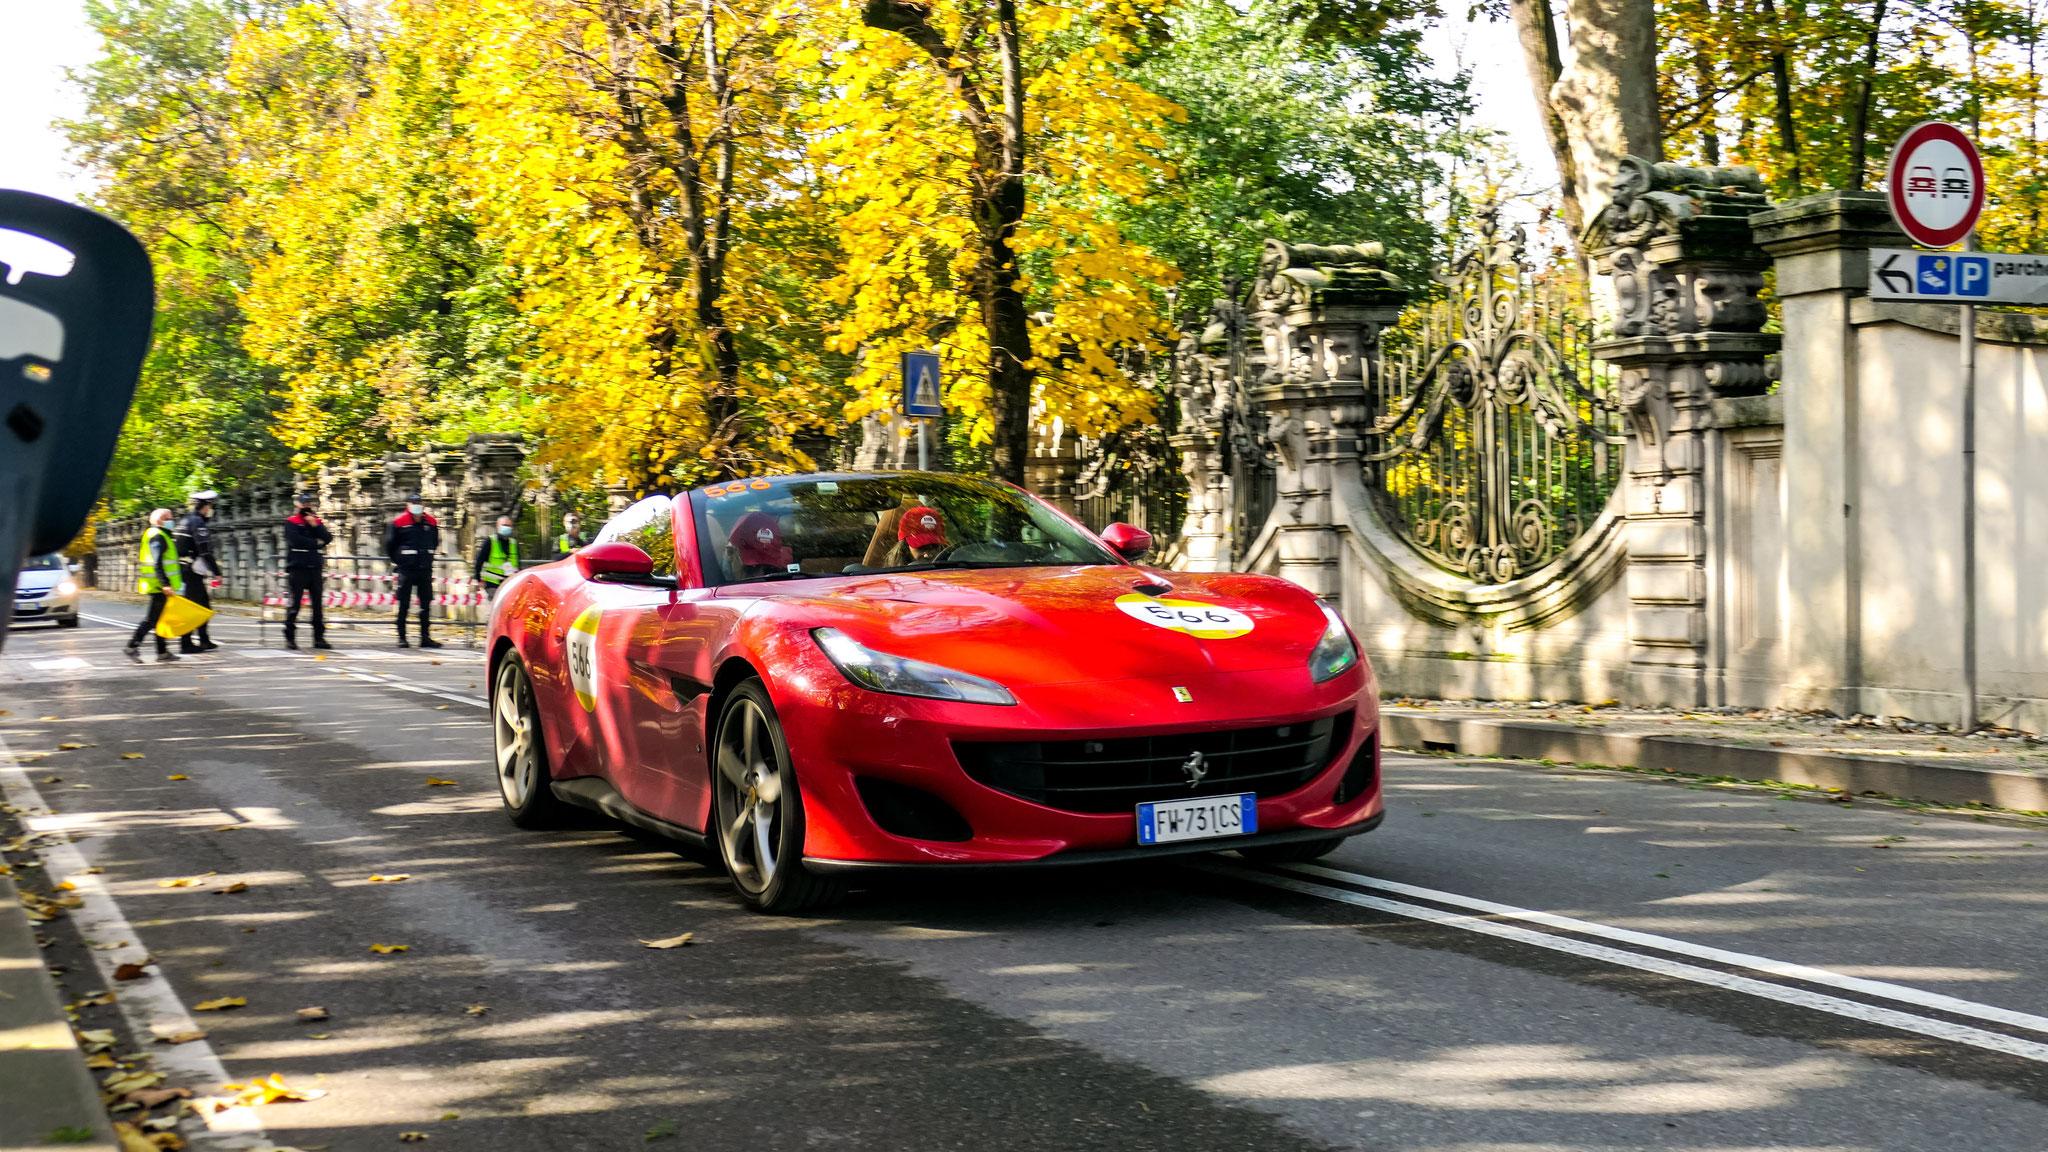 Ferrari Portofino - FW-731-CS (ITA)